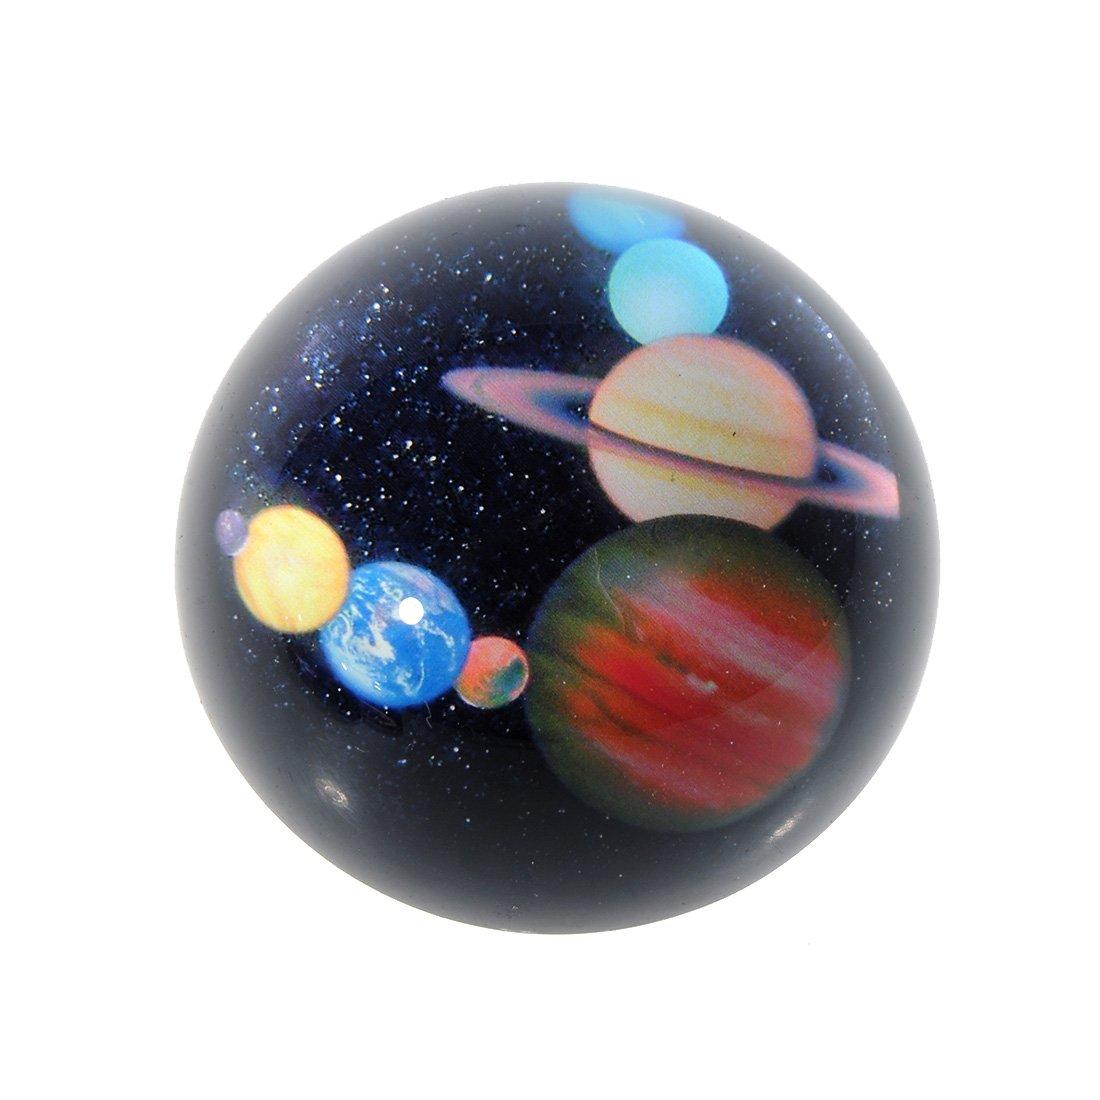 H & D 80mm Sfera sfera di cristallo sorprendente cielo stellato design fermacarte figurine decorazione artigianale per bambini o come regalo di Natale, Legno, planets LTD